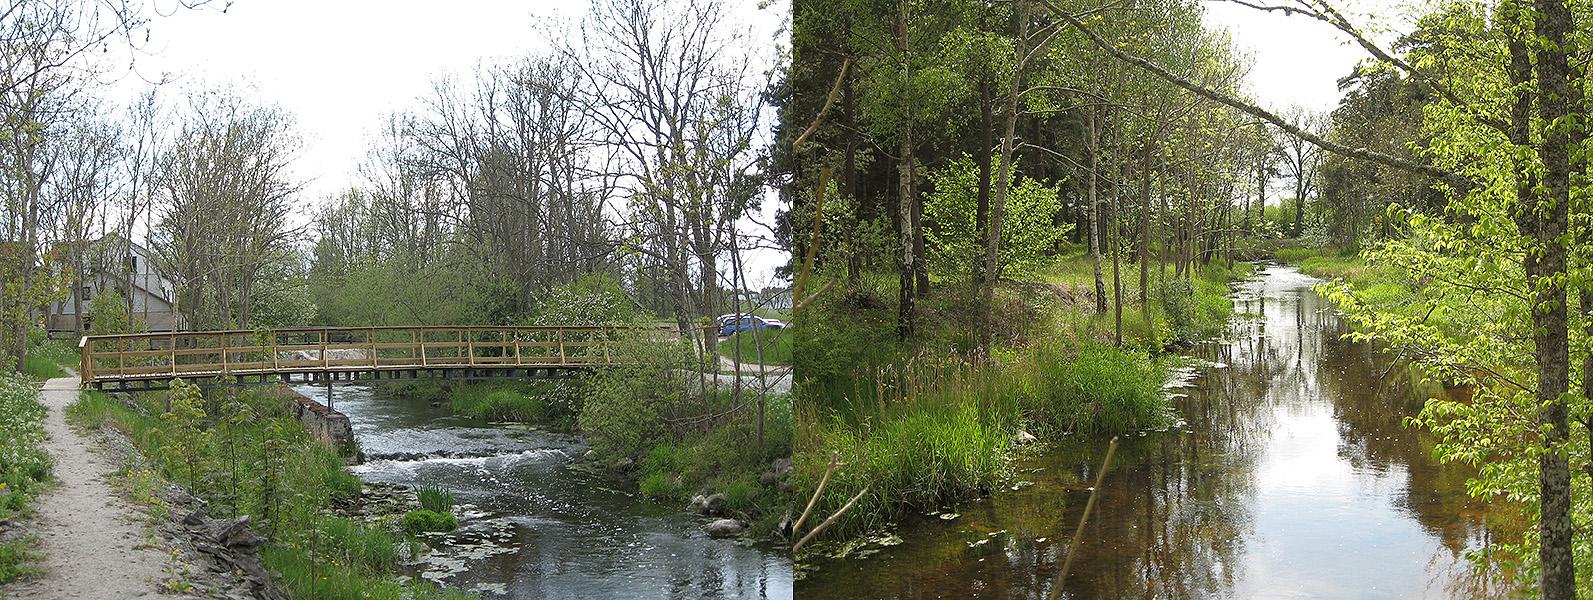 Till vänster: 2008 byggdes gångbron vid kvarndammen i Dalhem. Till höger: Vy av ån längs med vandringsleden. Foto: 2008